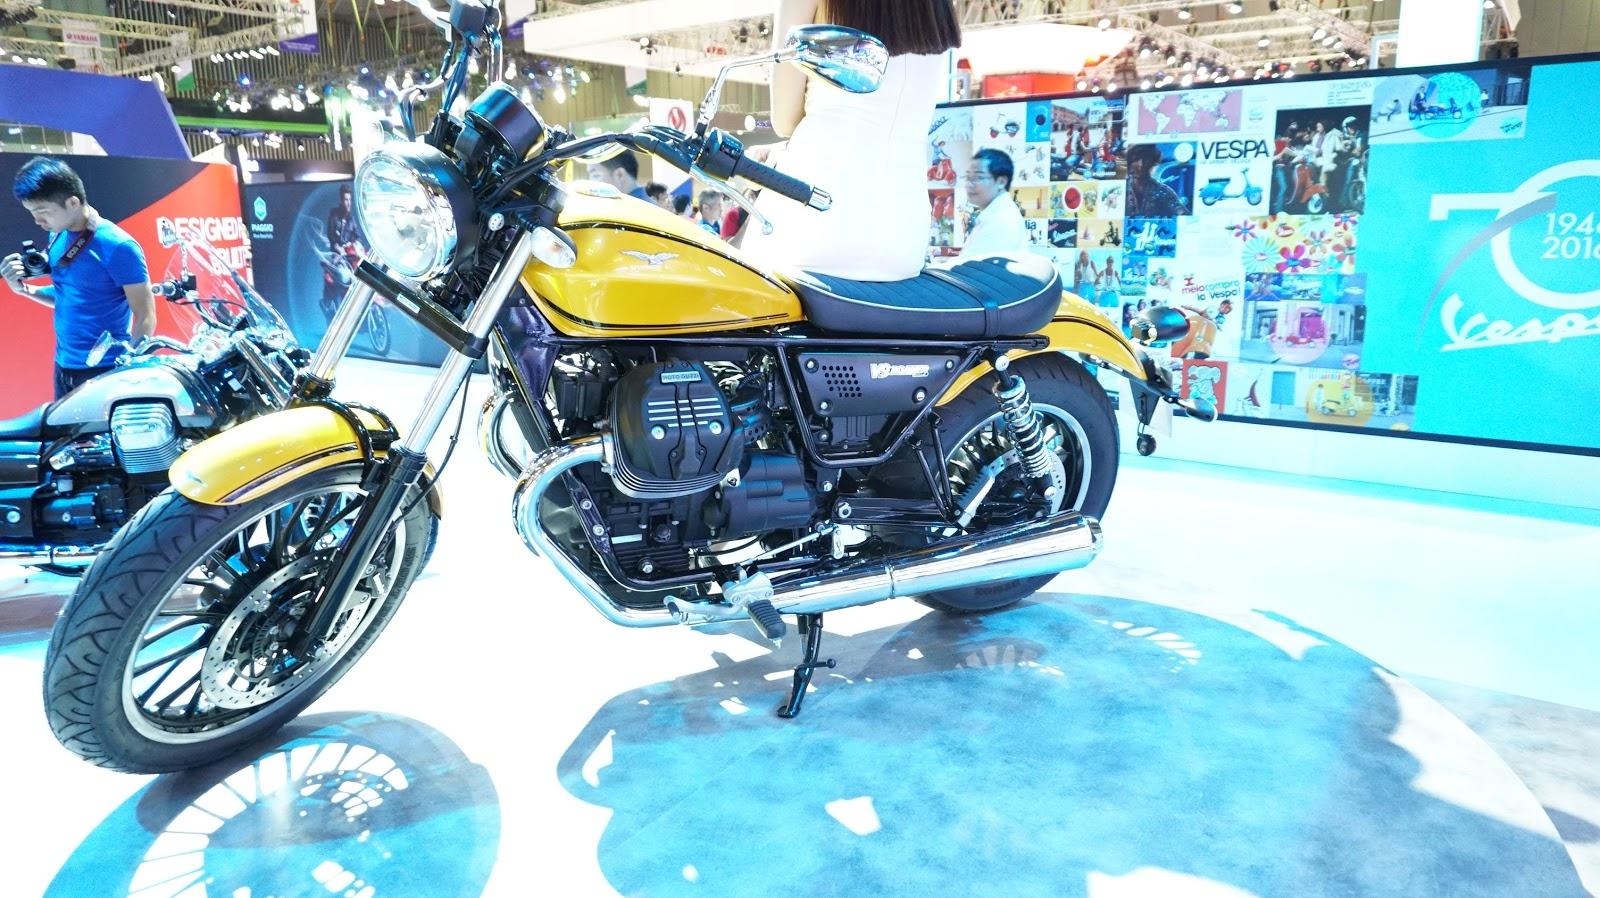 Moto Guzzi V9 Roamer phải nói là một trong xế cổ điển đẹp nhất VMS lần này